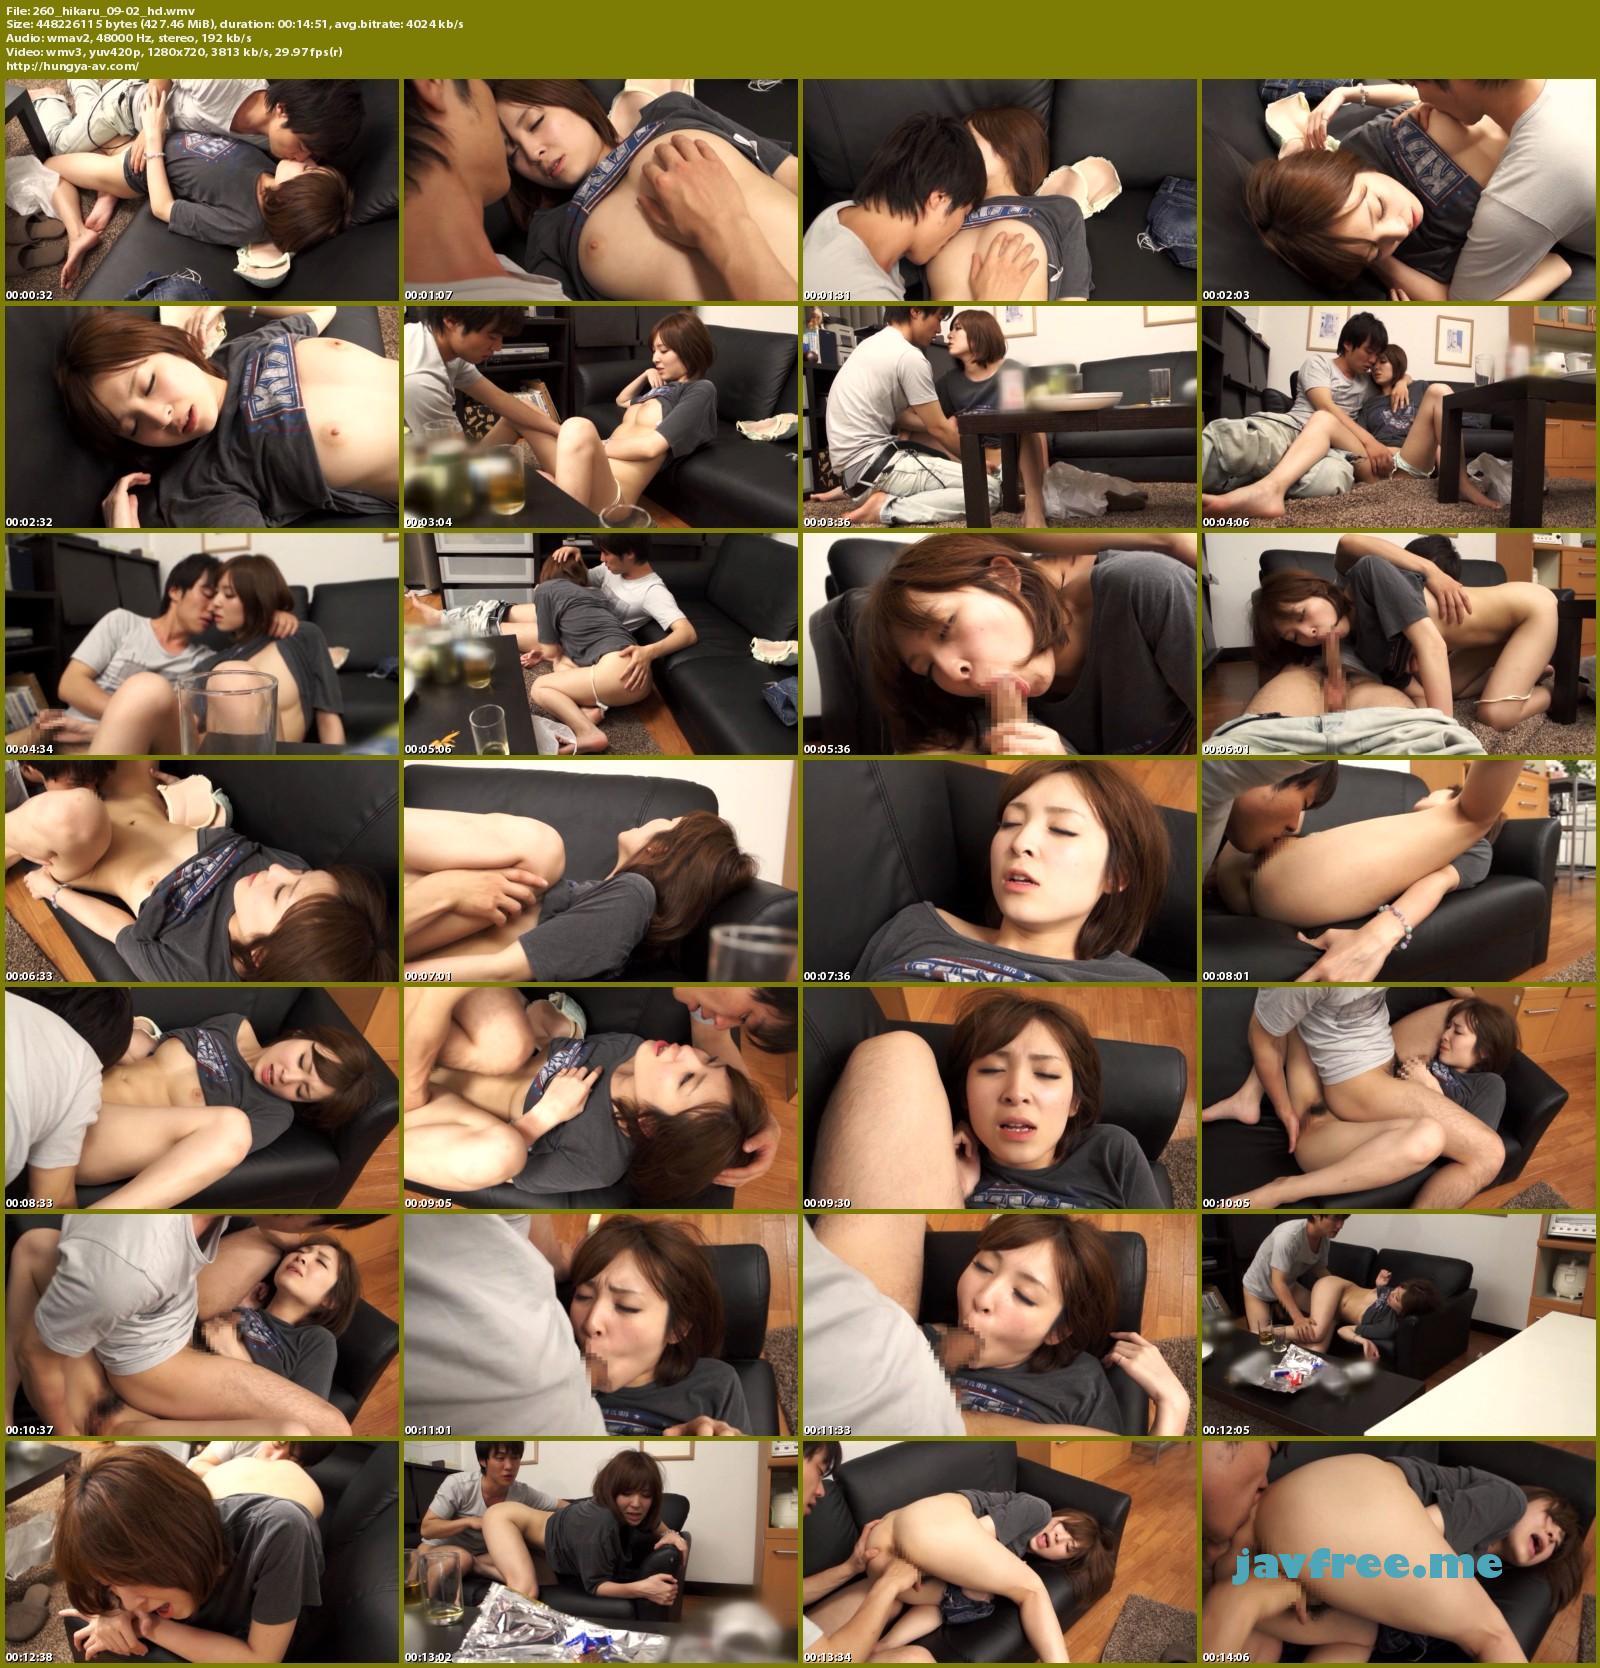 S Cute 260 Hikaru #9 酔った勢いで友達と S Cute Hikaru